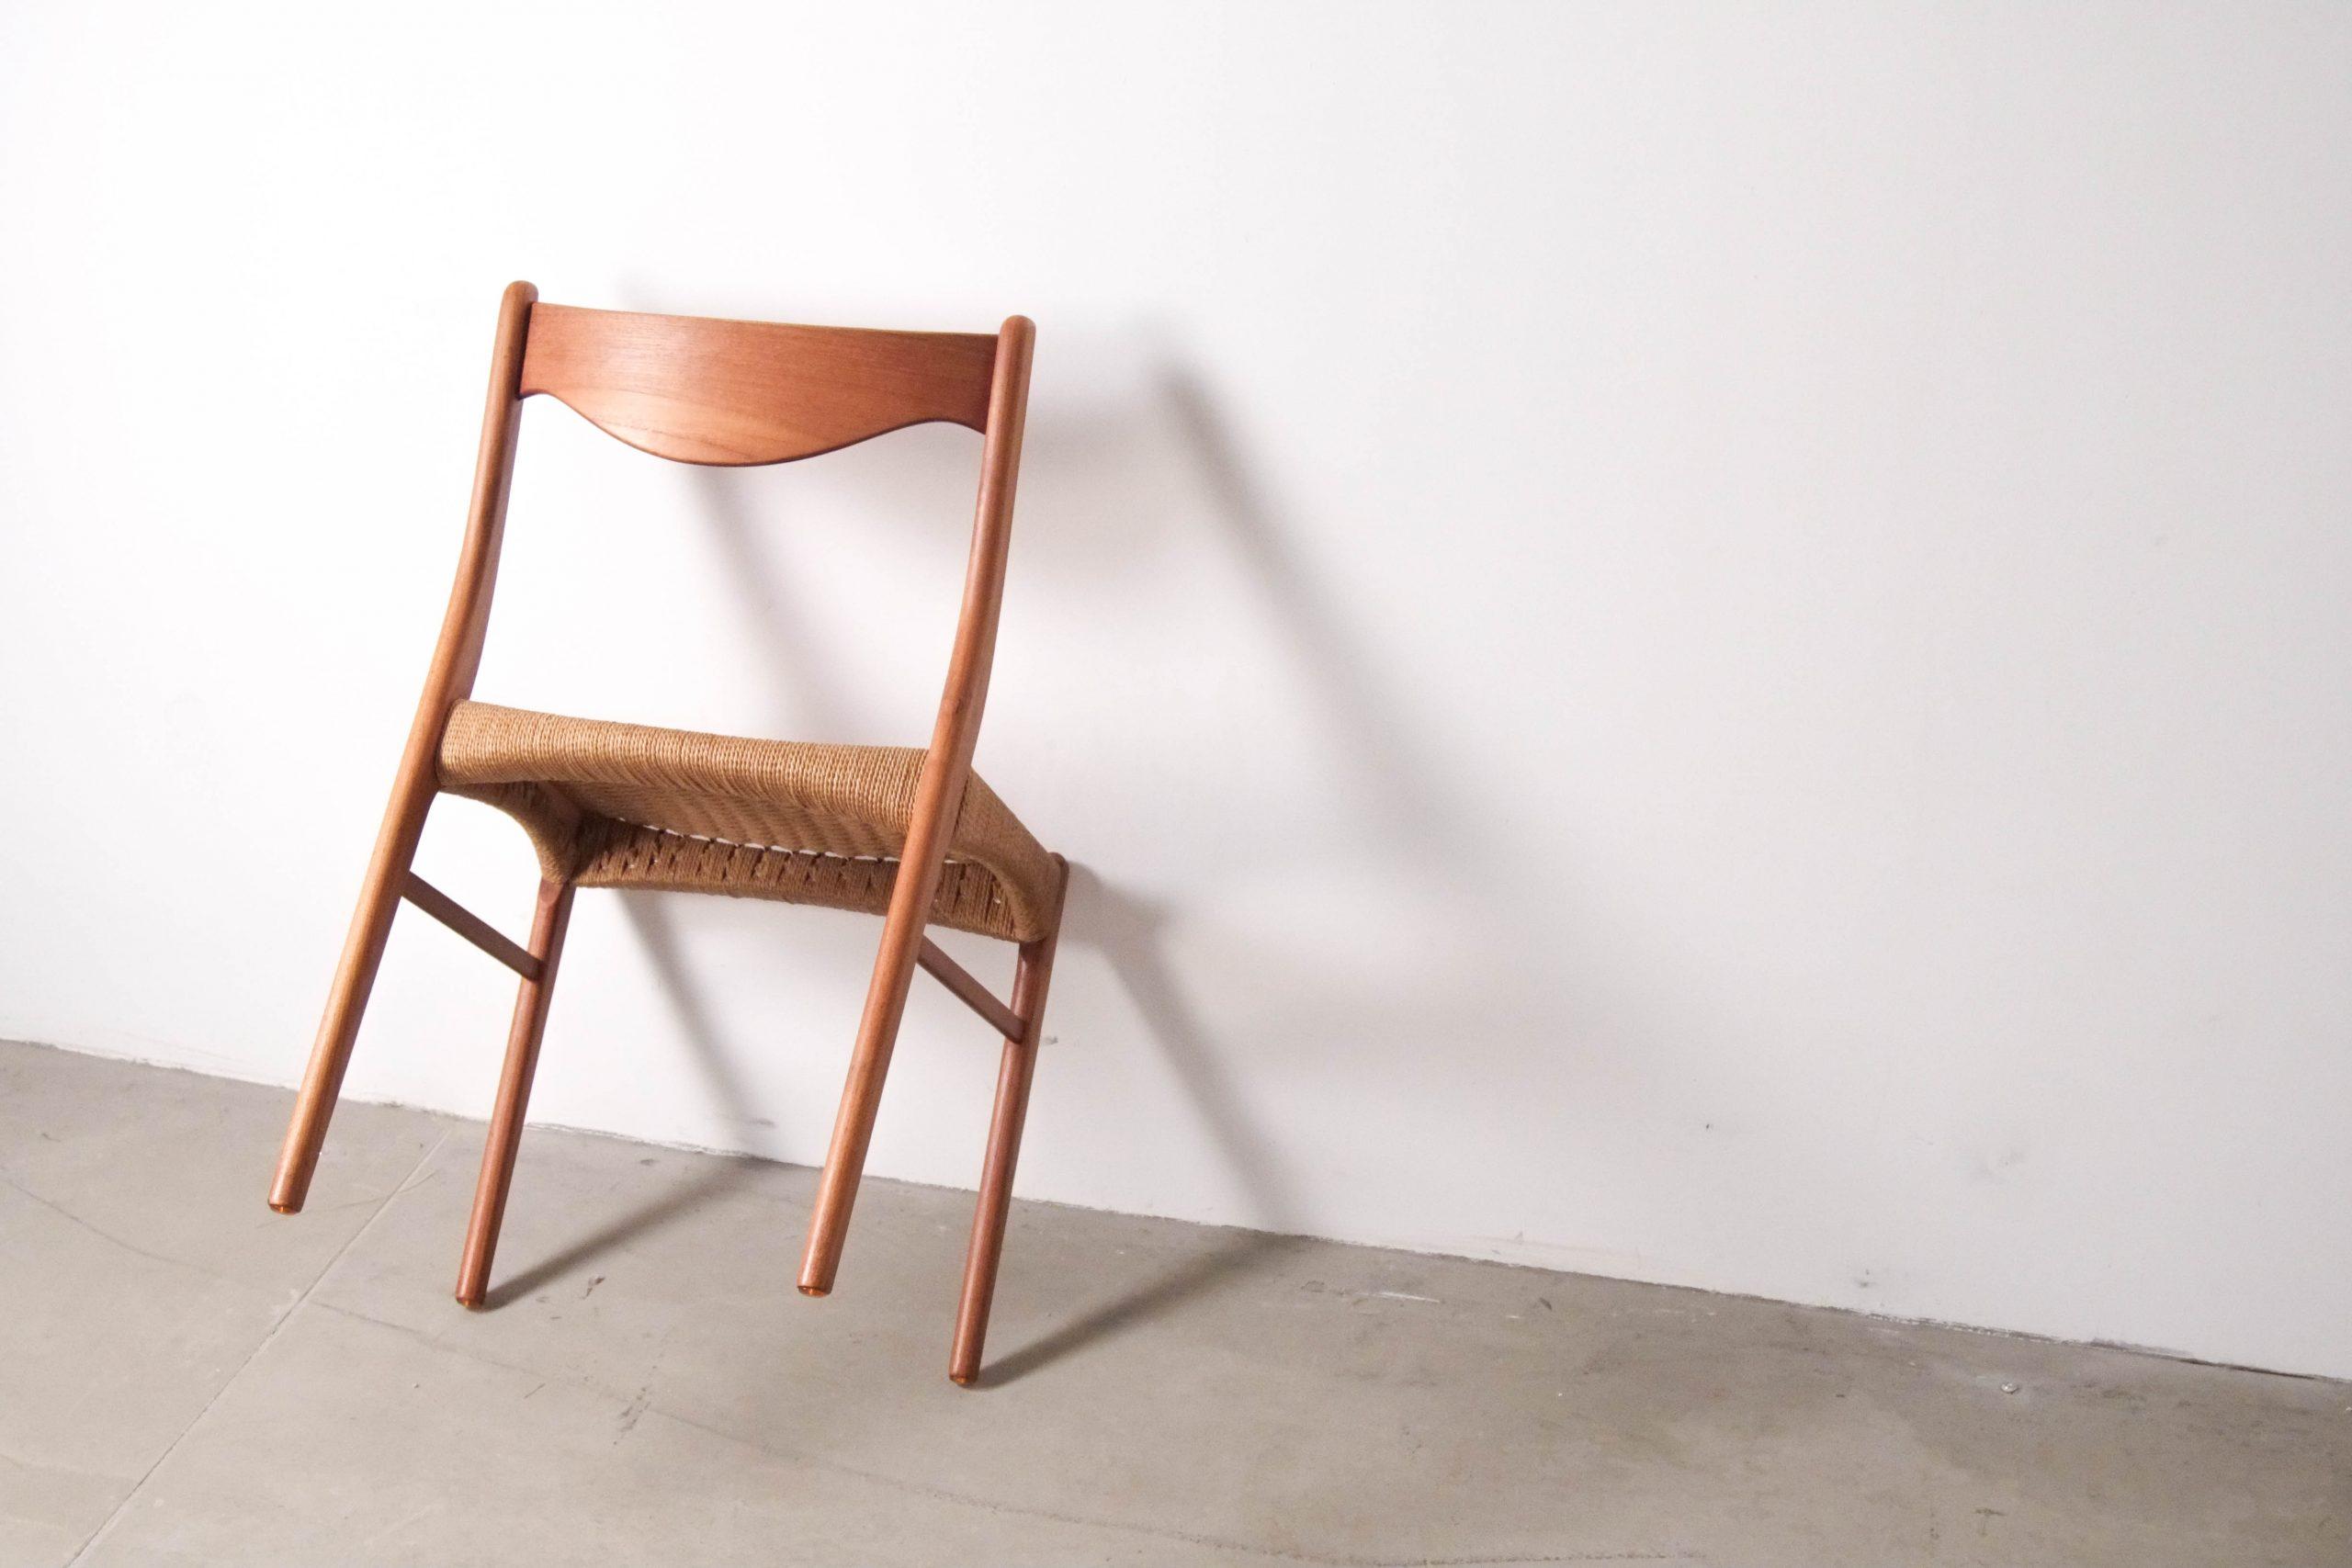 silla de comedor foto calidad madera de teca artesanía danesa dinamarca